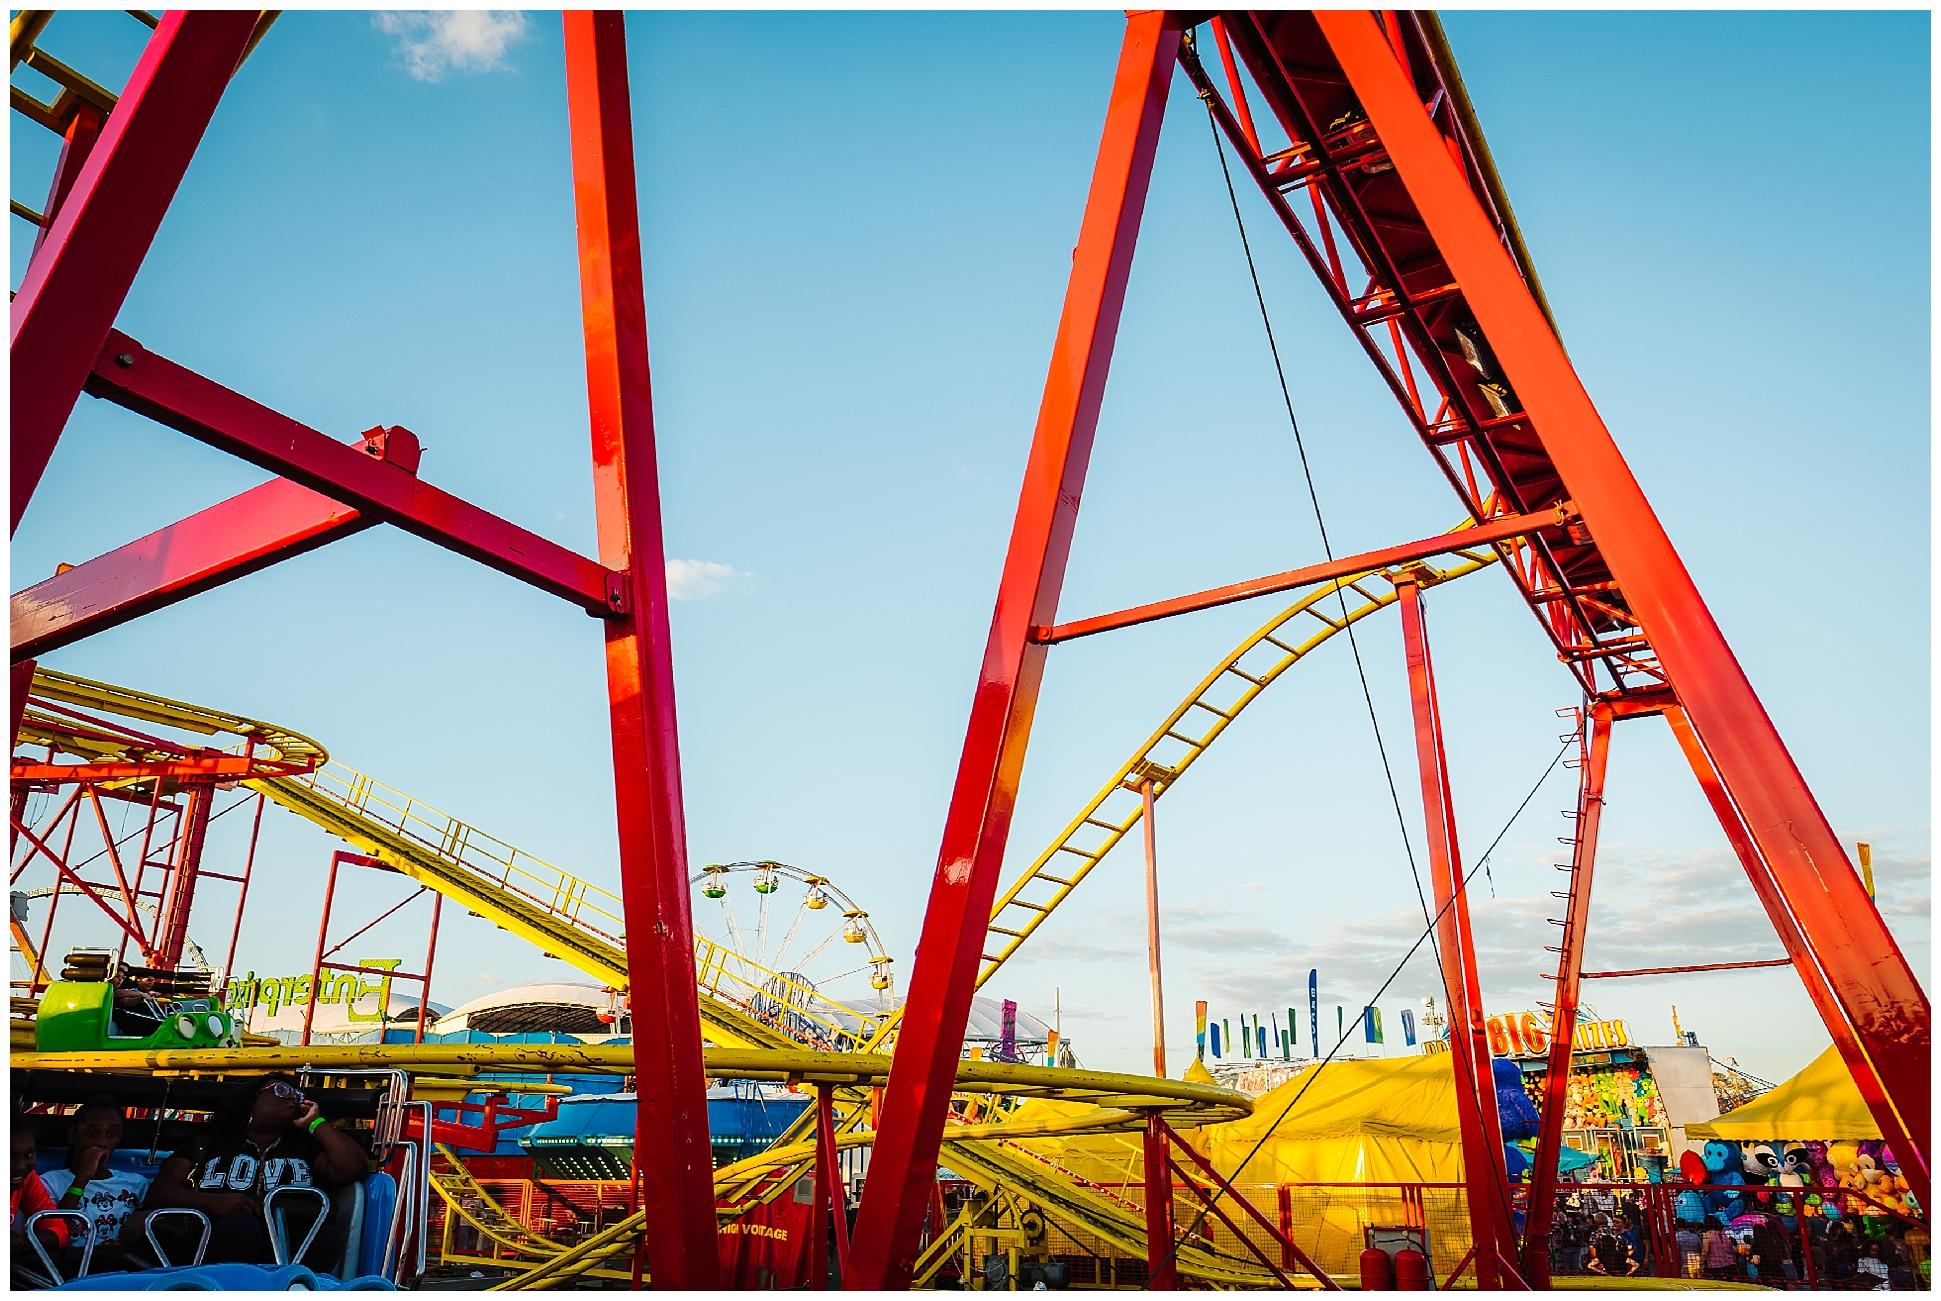 Tampa-colorful-fair-amusement park-dani family session_0015.jpg